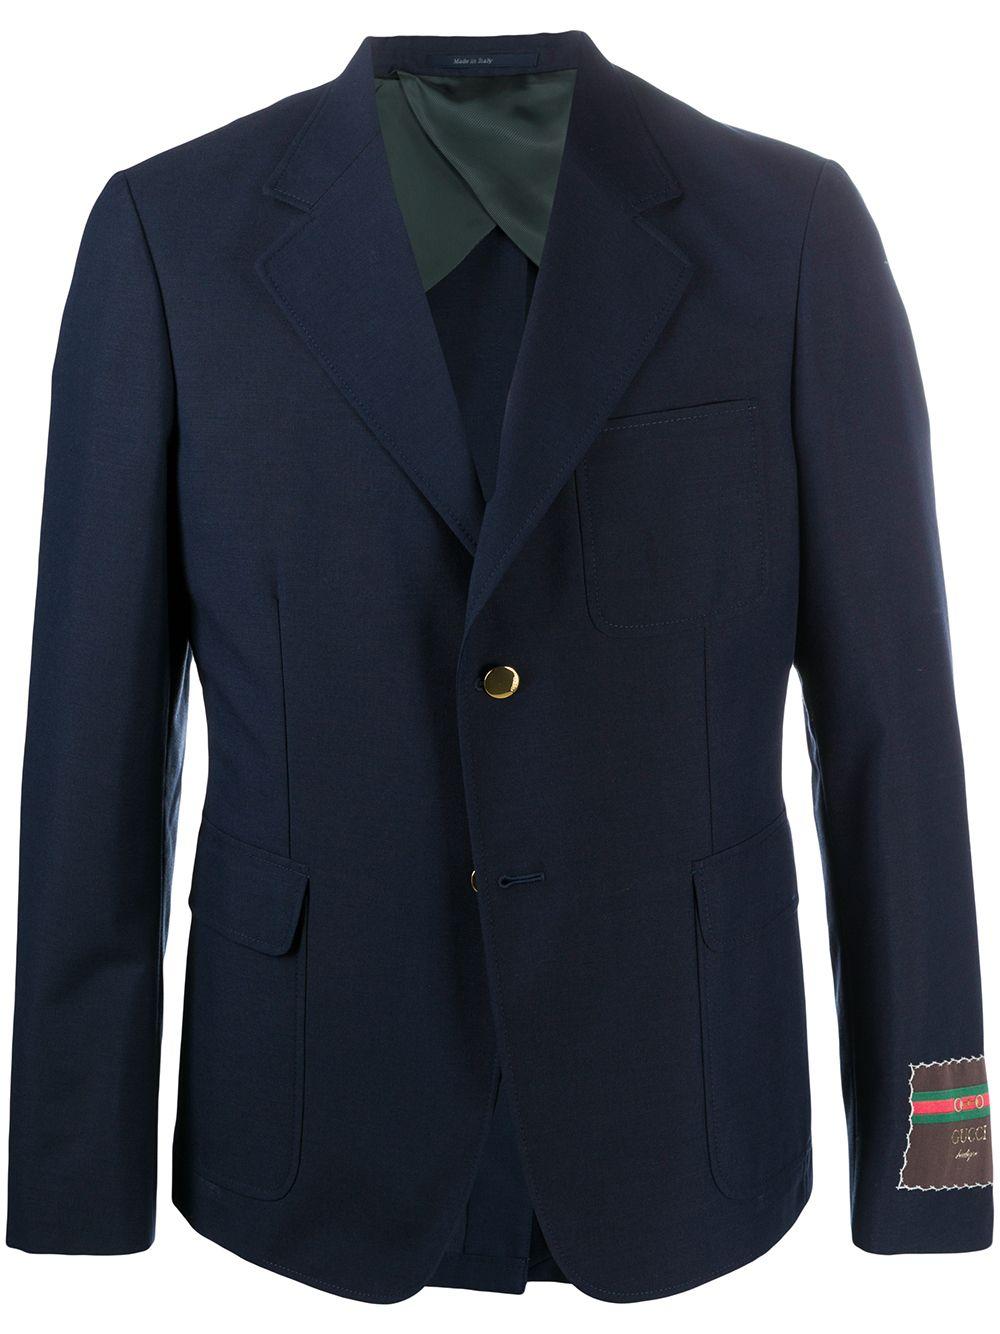 Blazer monopetto con etichetta Gucci sul gomito in misto lana mohair e cotone blu Caspio GUCCI | Giacche | 624472-ZAC3K4240